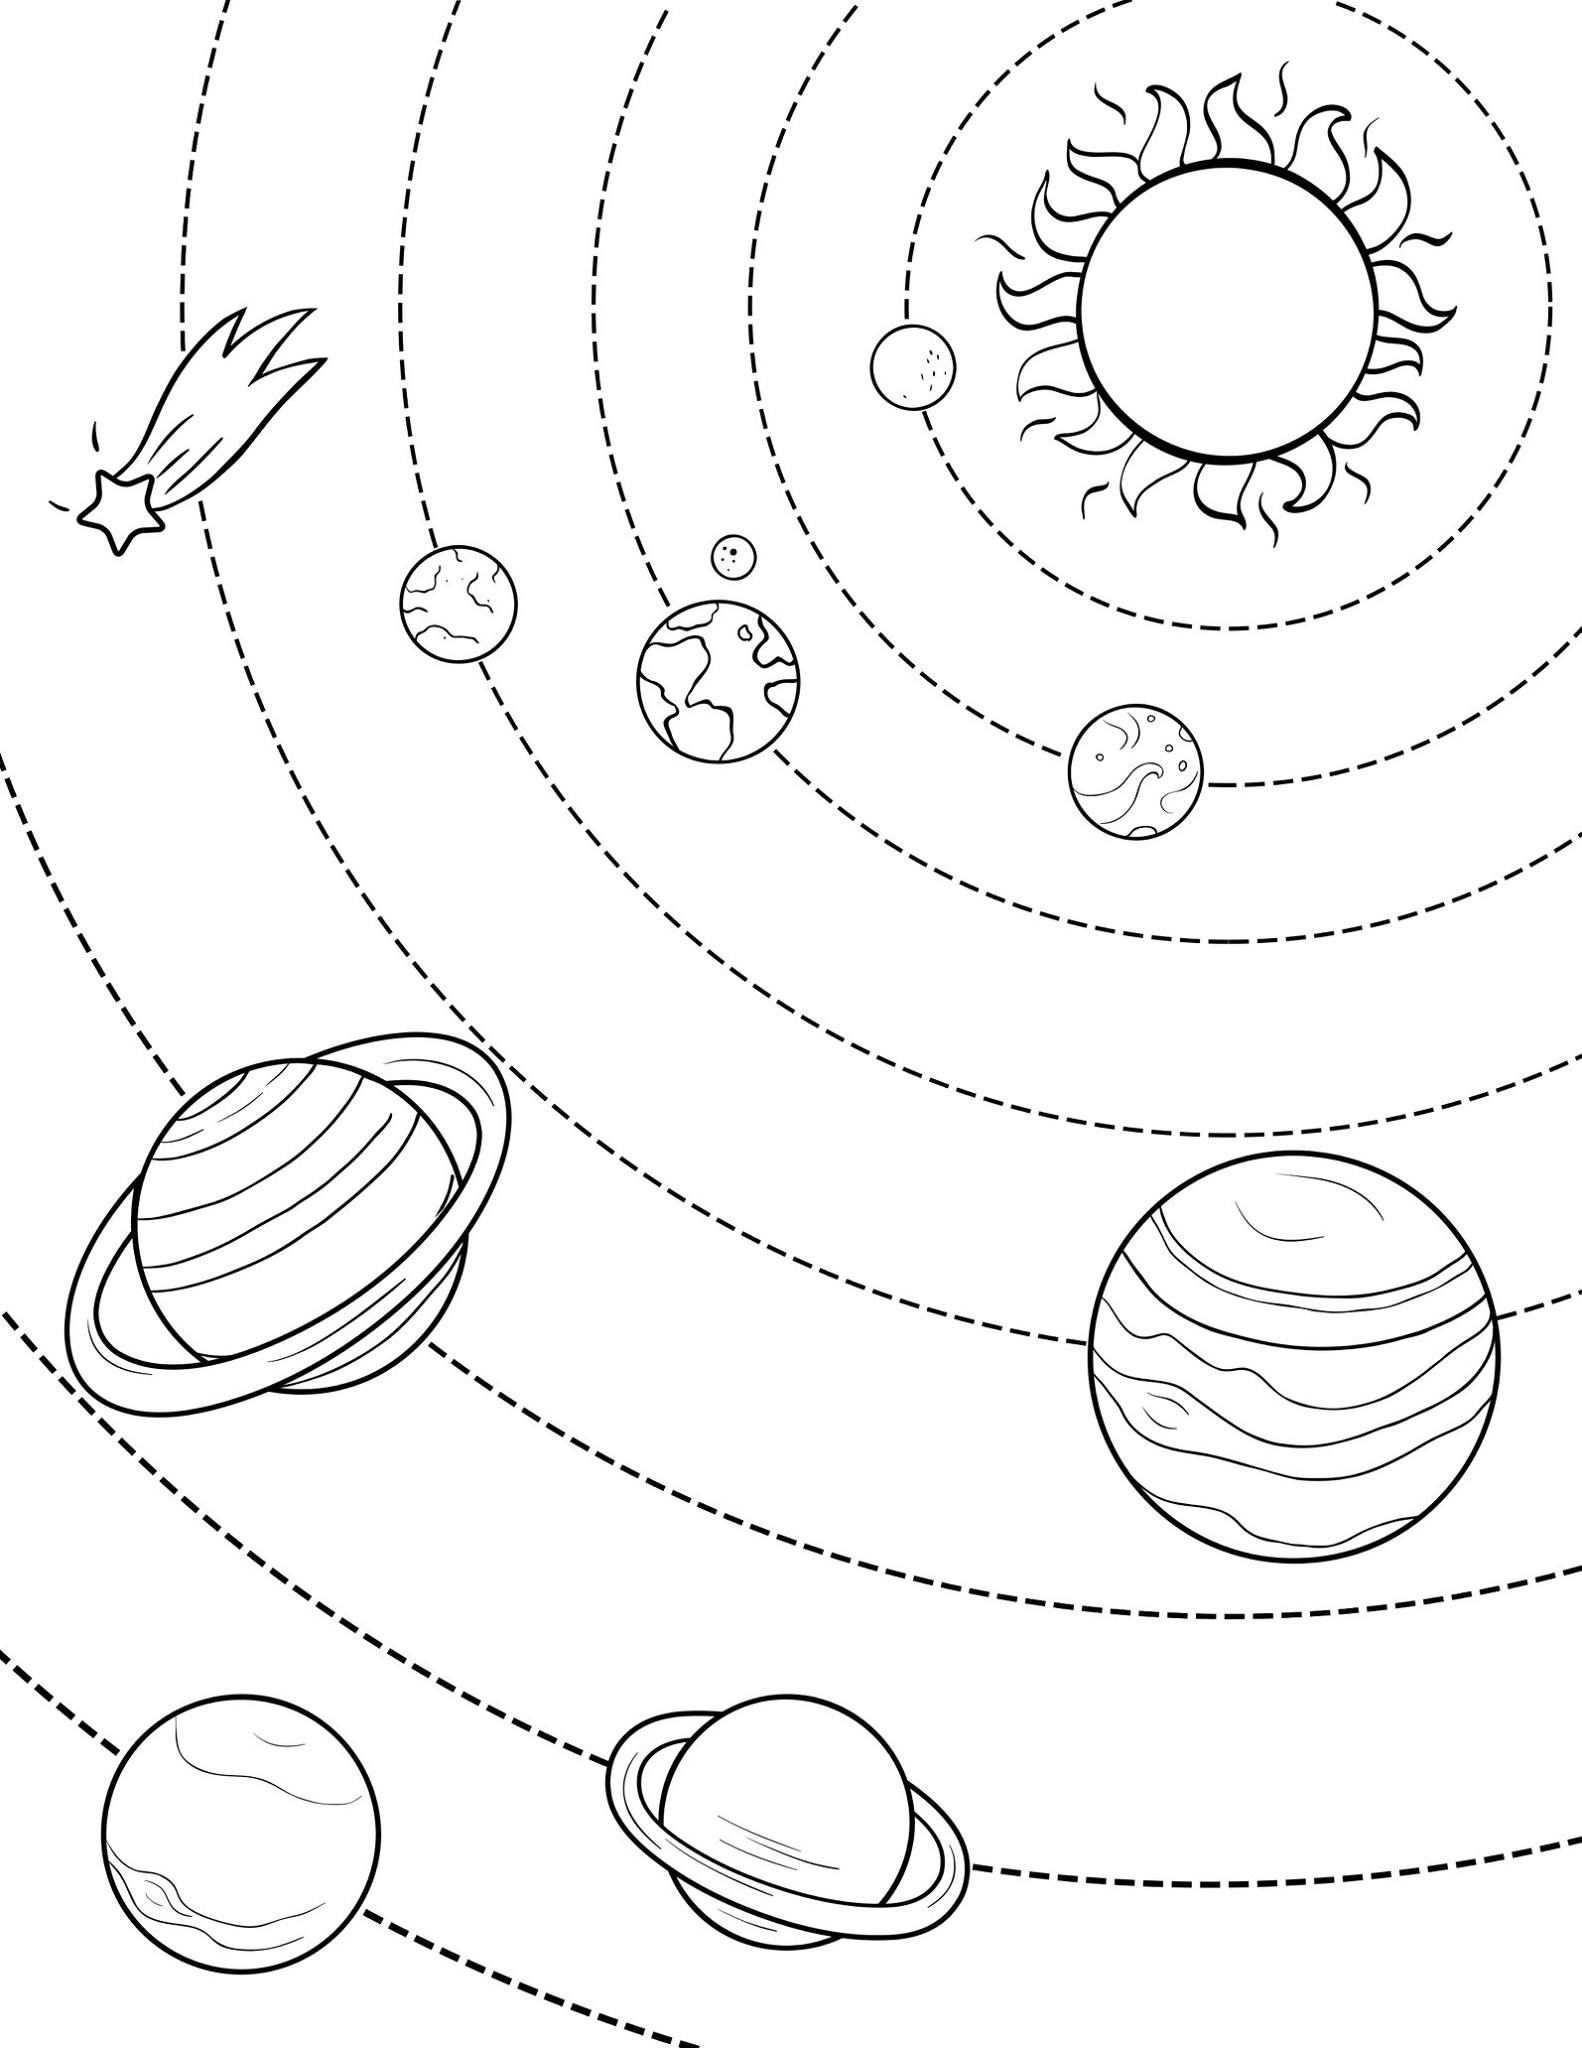 Pin Van Devira Iris Op Werkbladen In 2020 Met Afbeeldingen